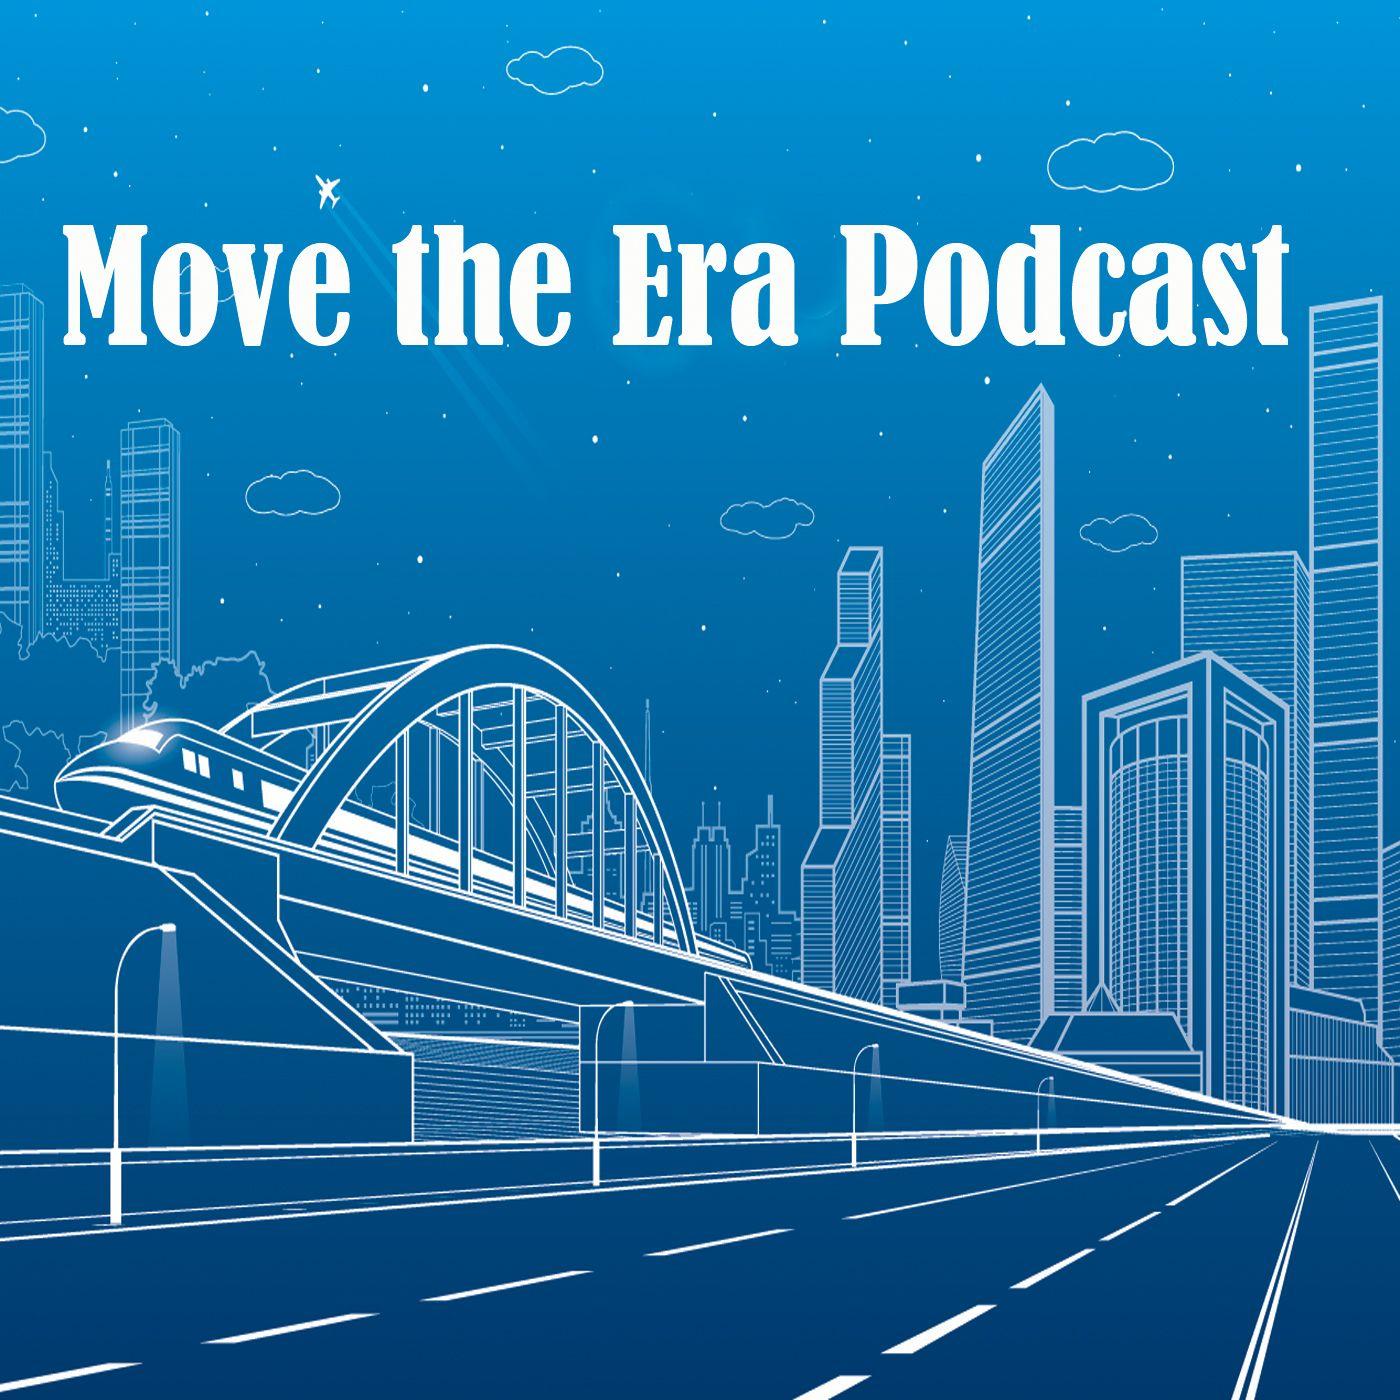 Move the Era Podcast